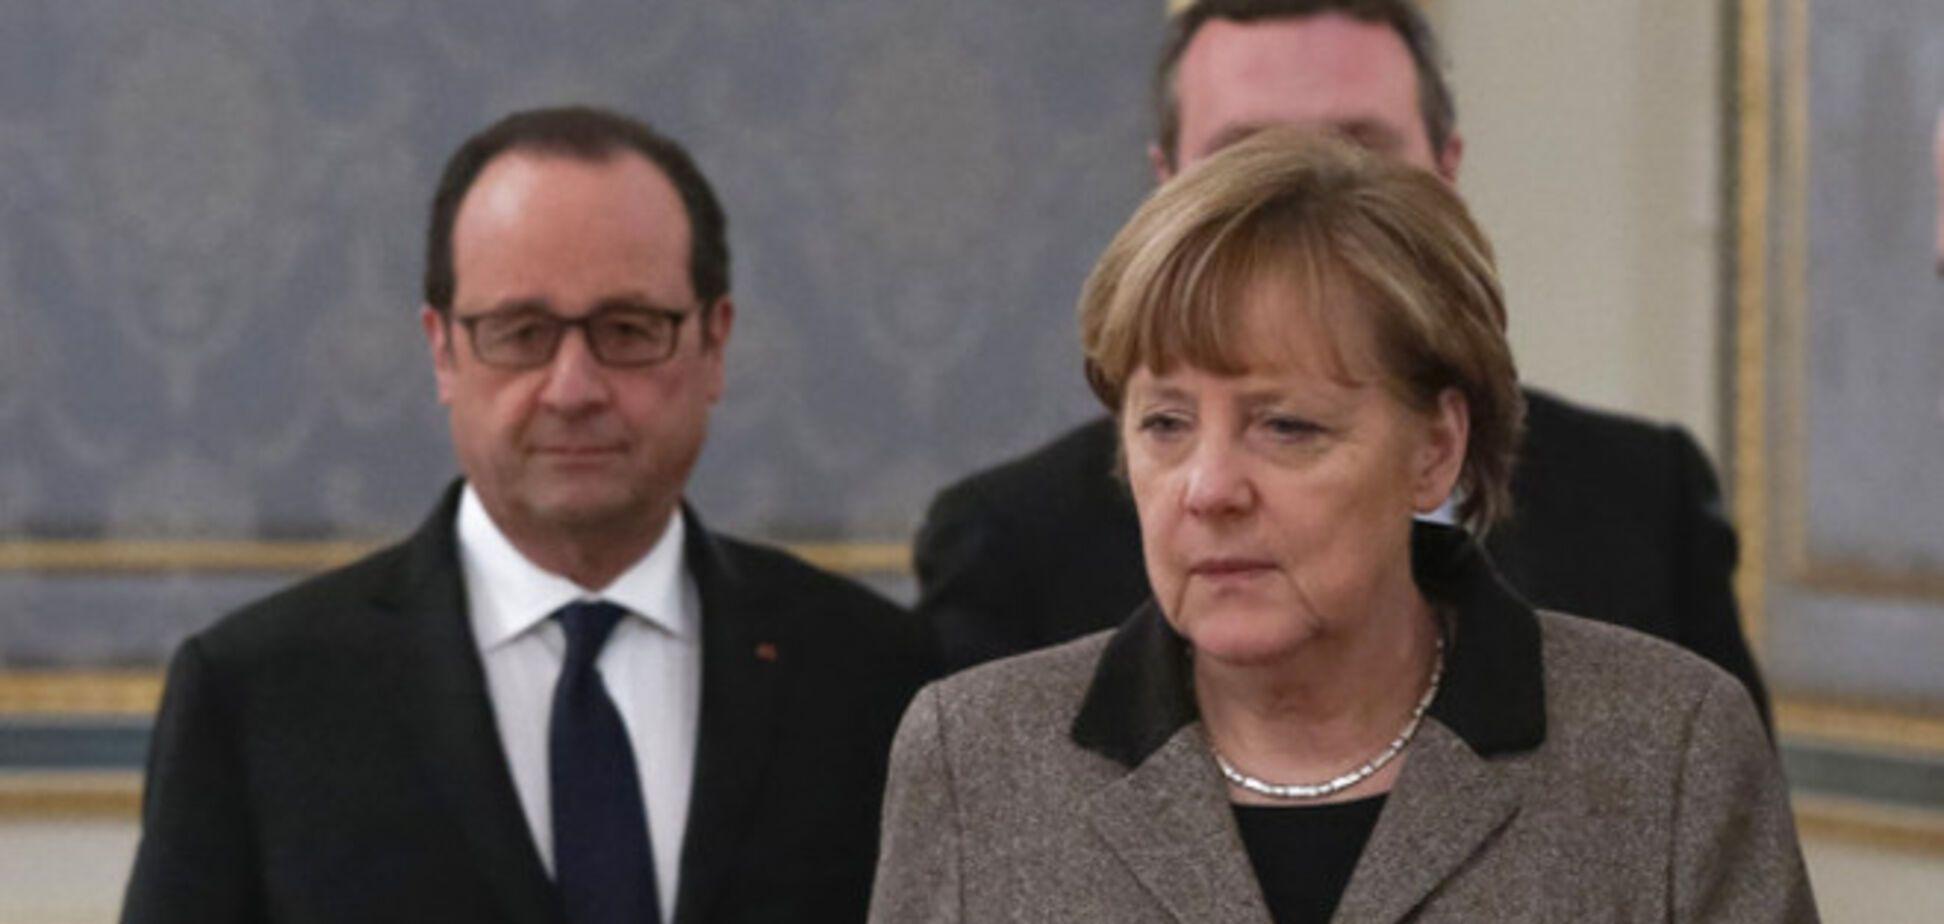 Олланд и Меркель на переговорах в Минске по Донбассу намерены использовать все возможности